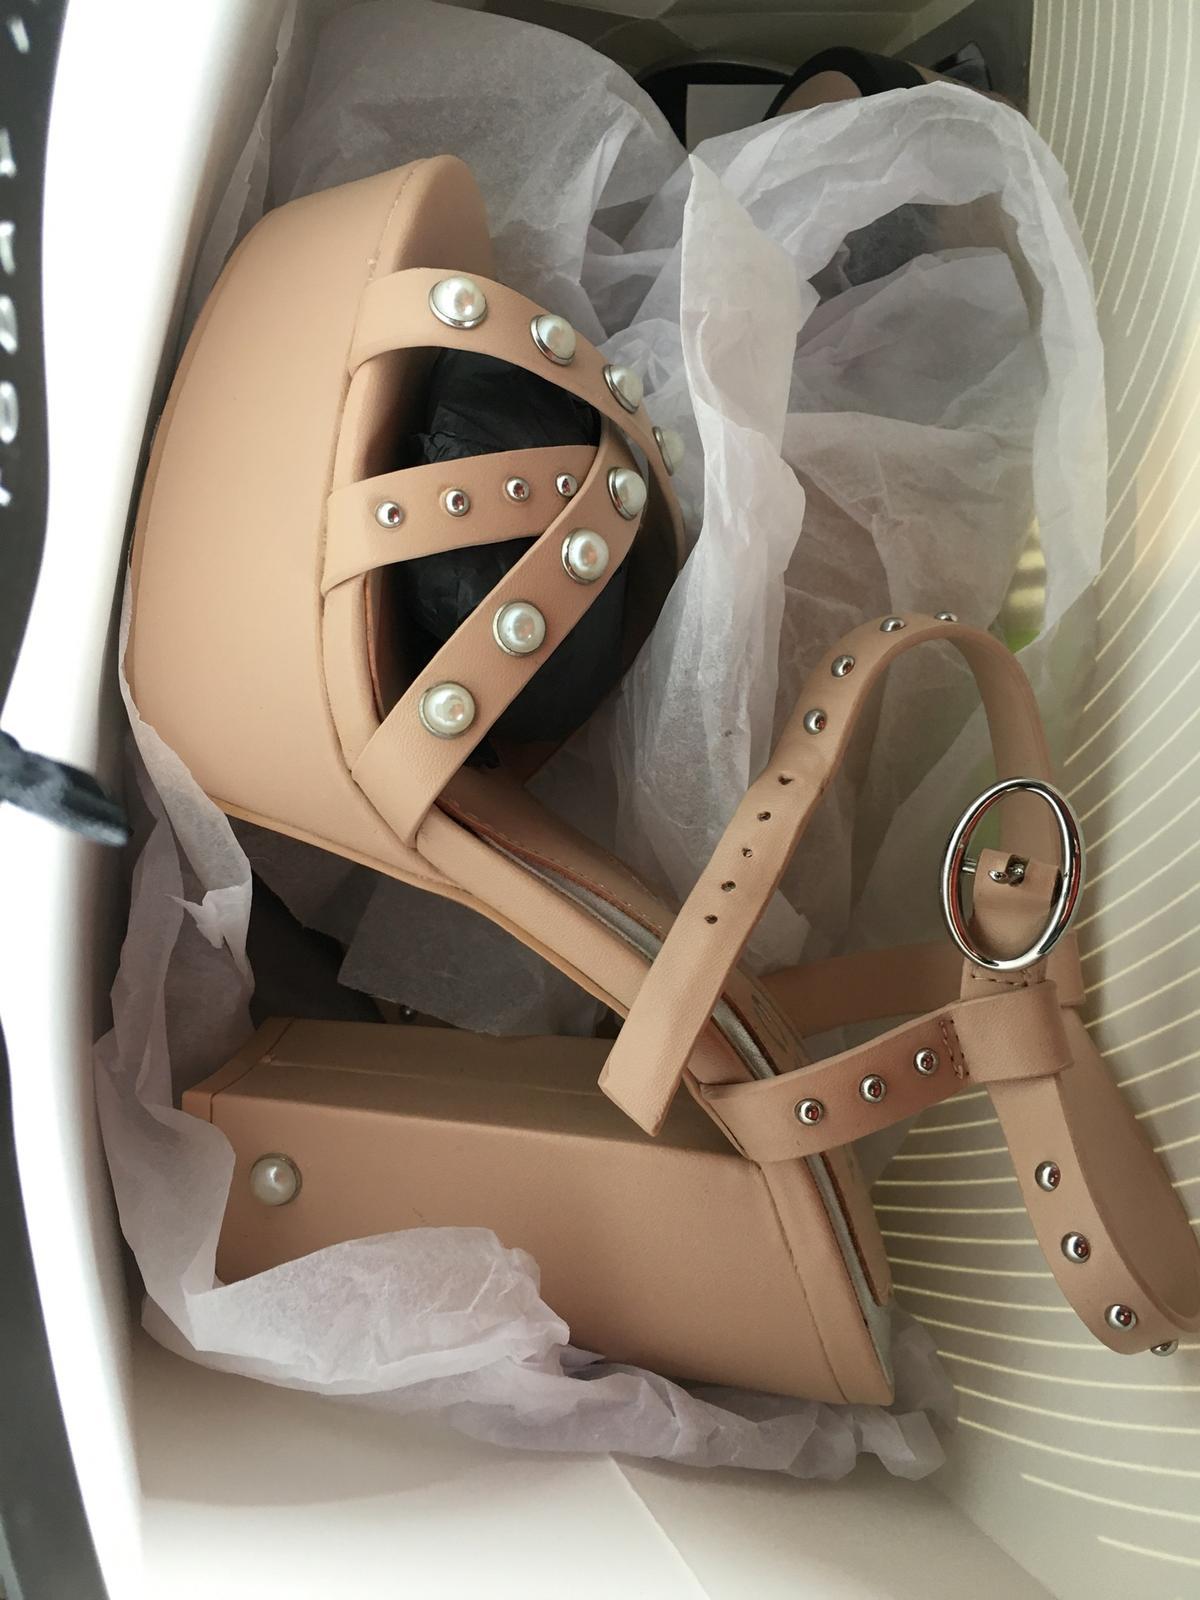 Boty zdobené perlami - Obrázek č. 2